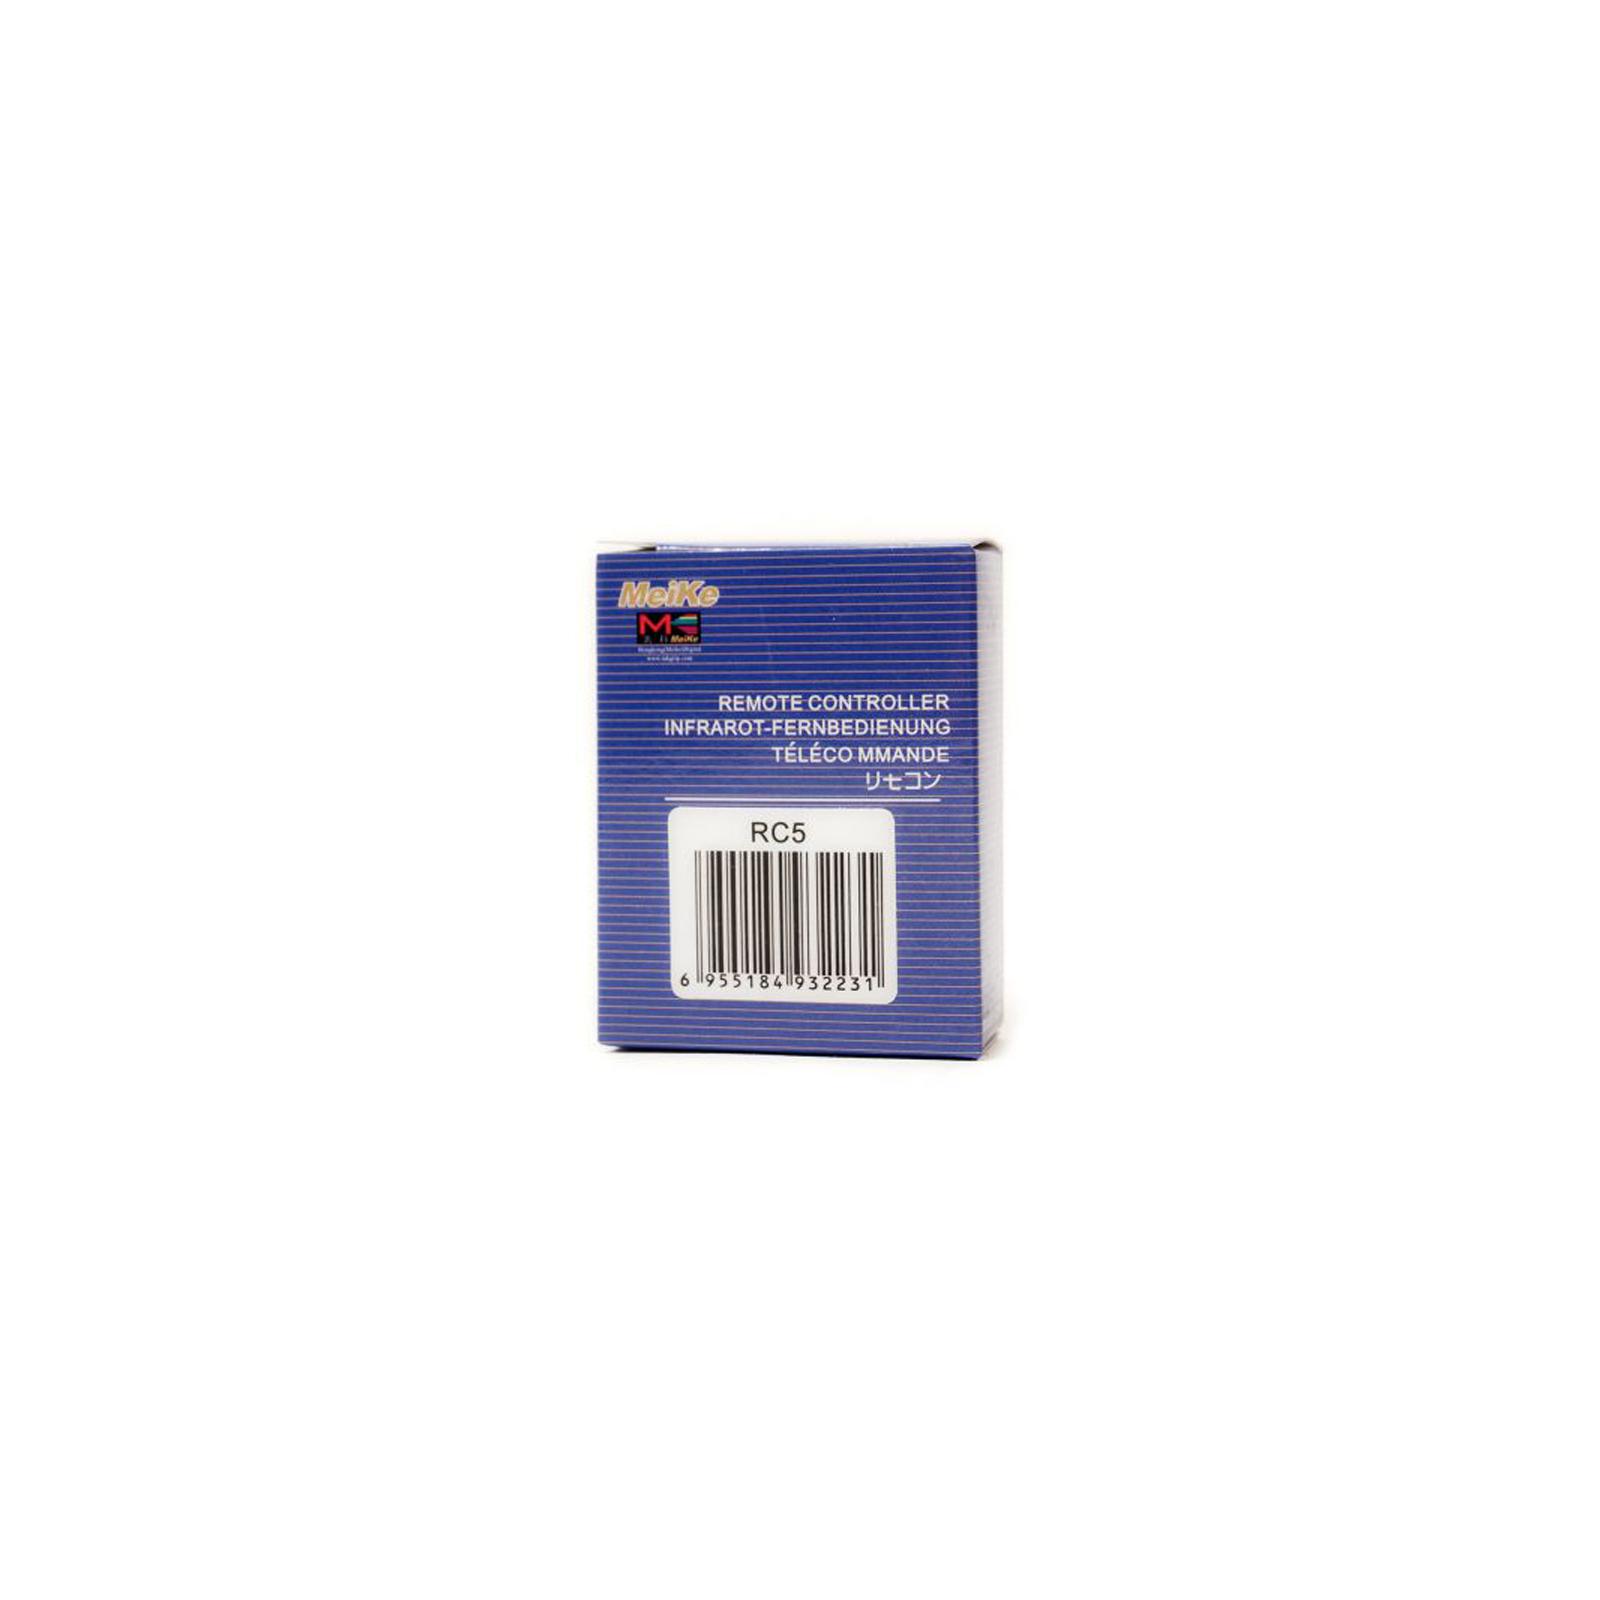 Пульт ДУ для фото- видеокамер Meike Canon MK-RC5 (RT960019) изображение 3